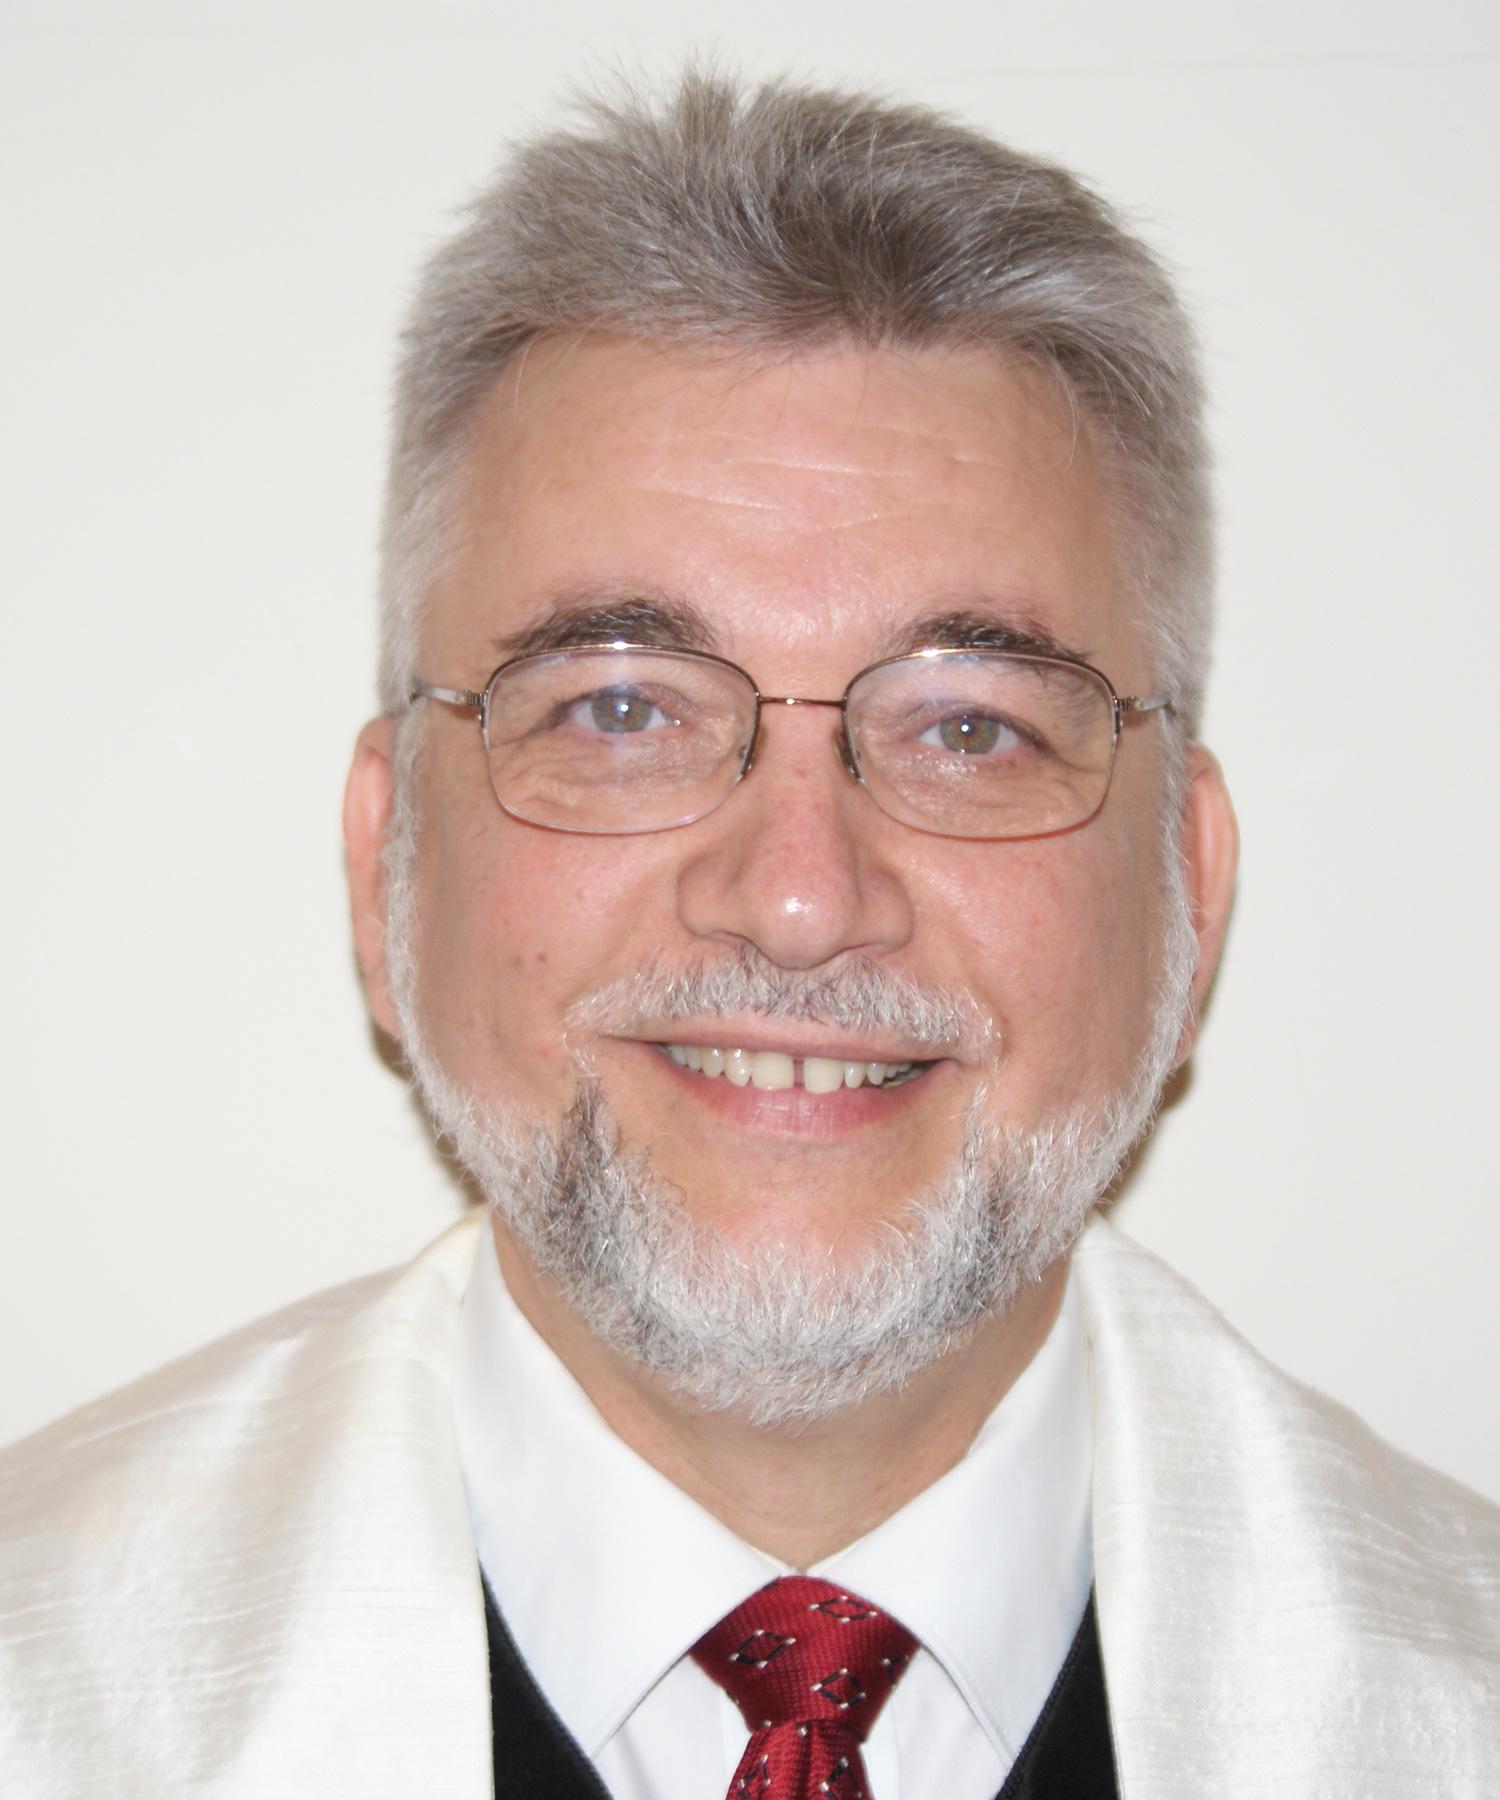 Rev. Dougls Shepler